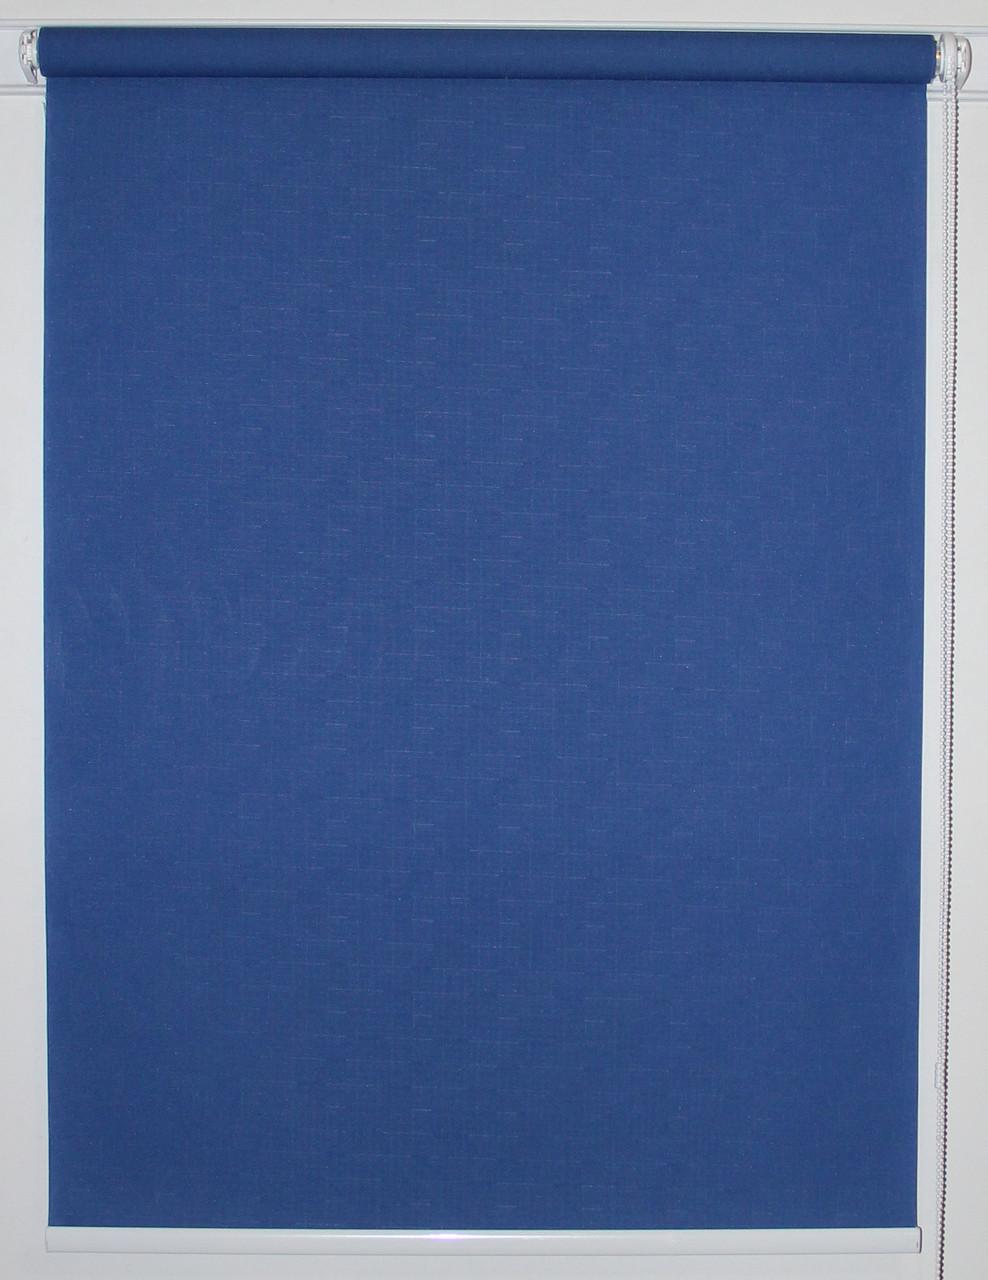 Рулонная штора 300*1500 Ткань Лён 2075 Синий